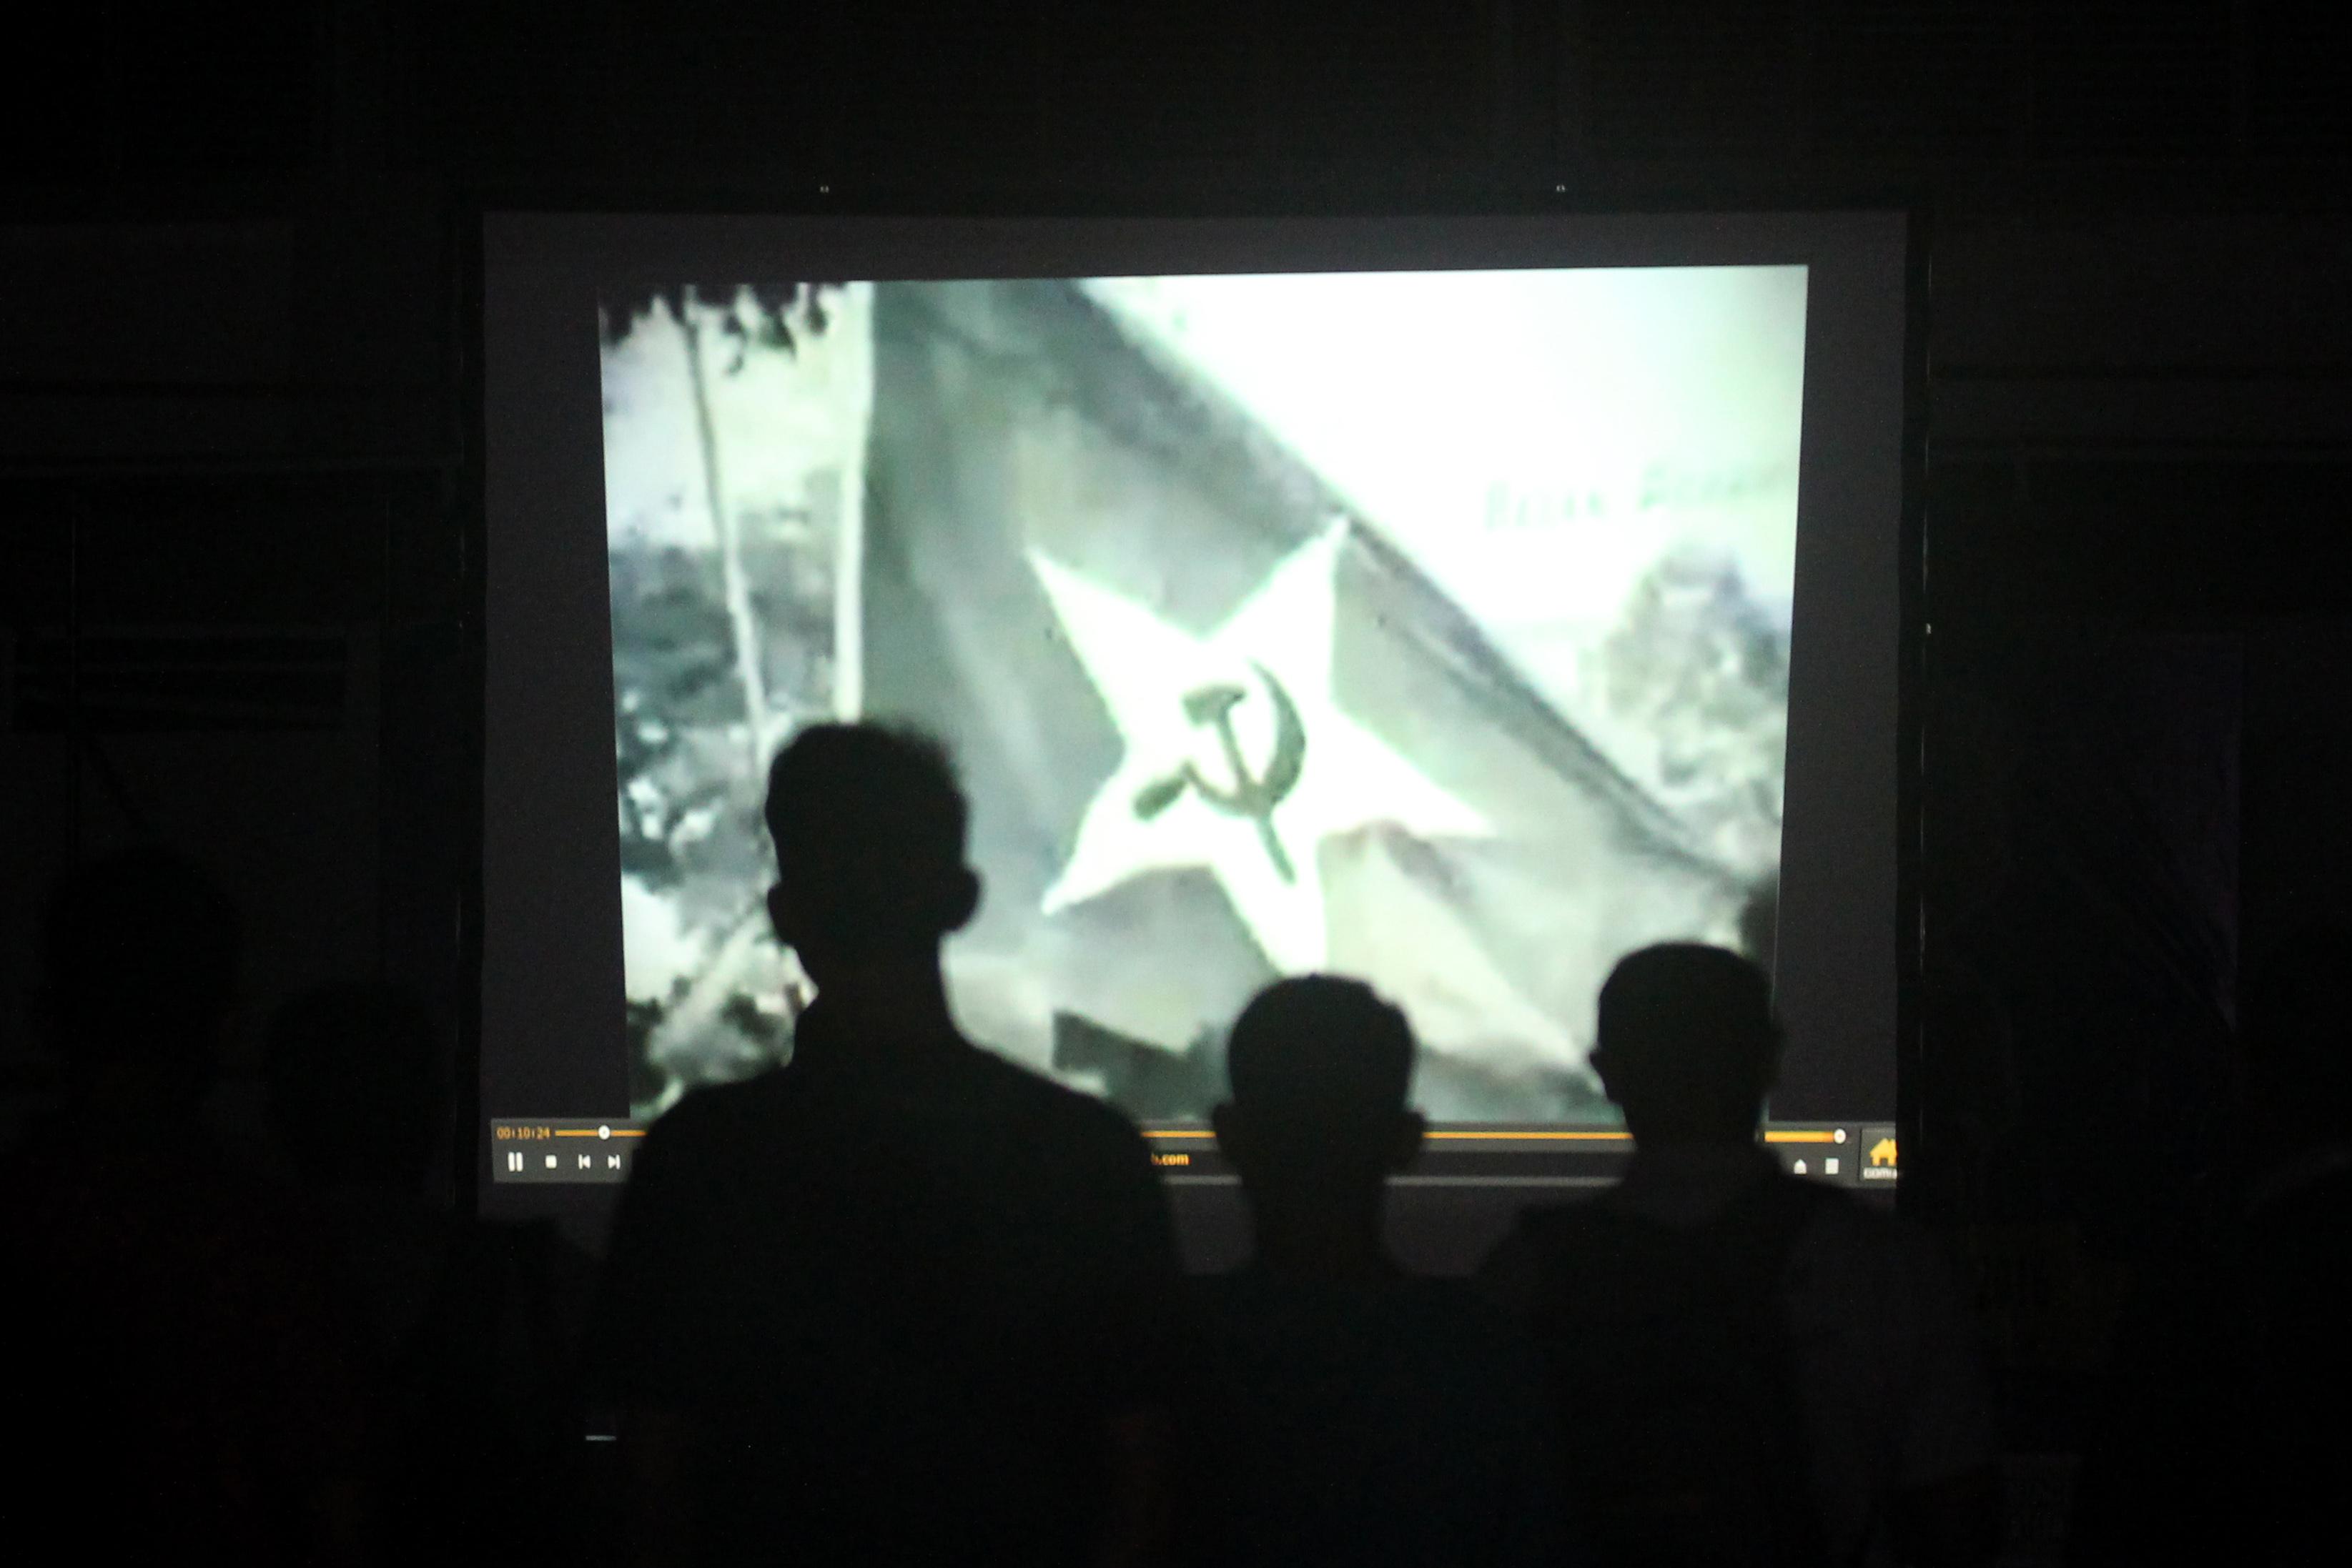 Memaknai Kembali Pemutaran Film G30s Pki